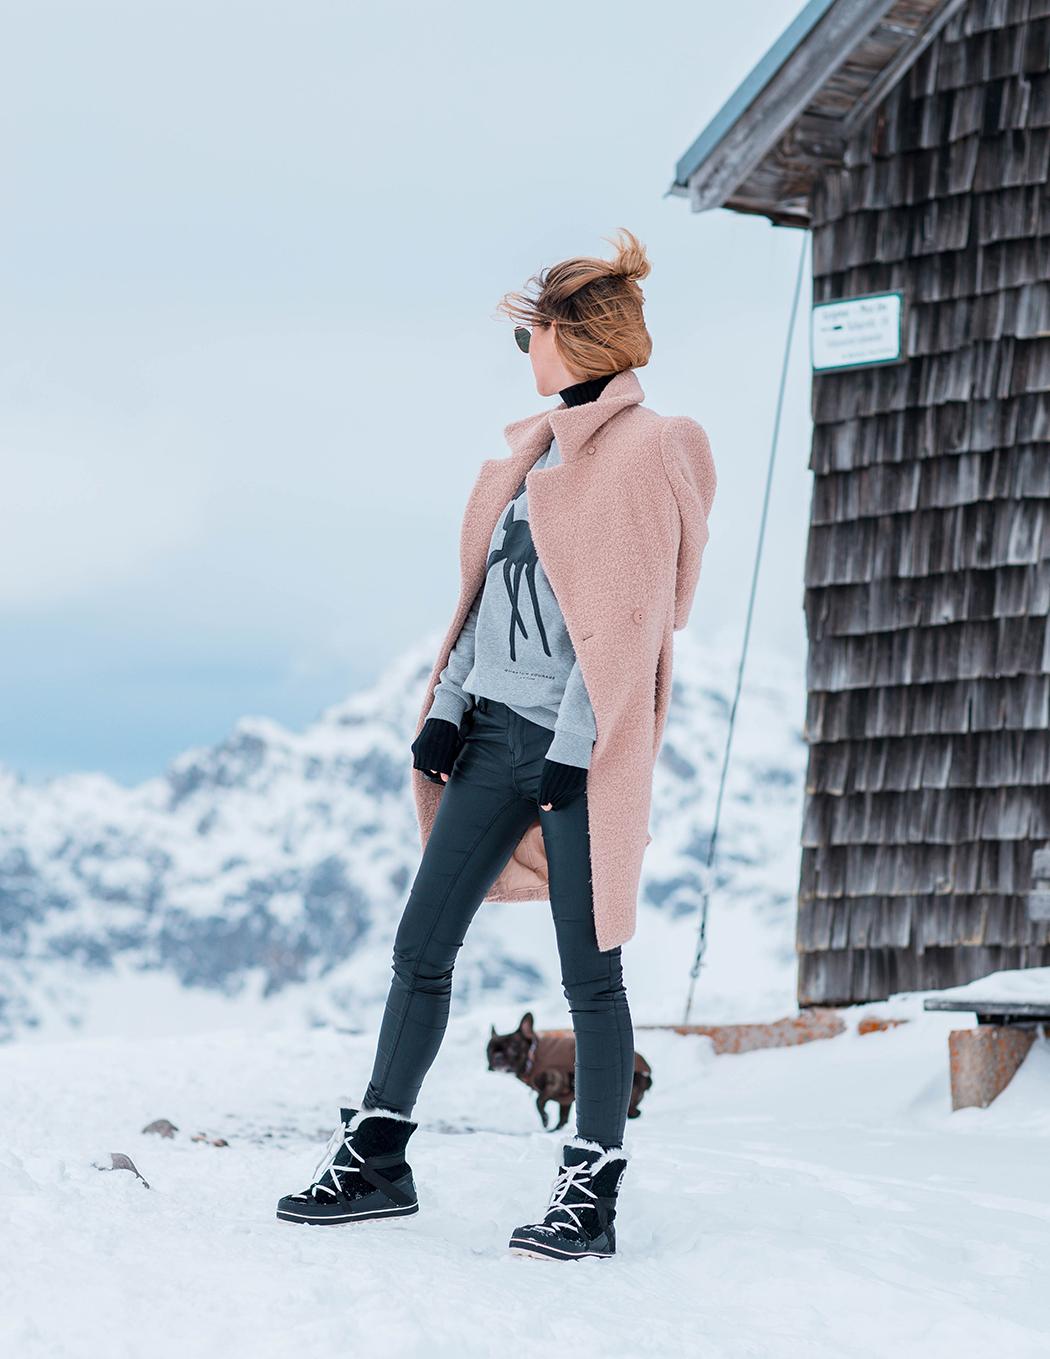 Fashionblog-Fashionblogger-Fashion-Blog-Blogger-Sorel-Boots-Innsbruck-Lindarella-3-web